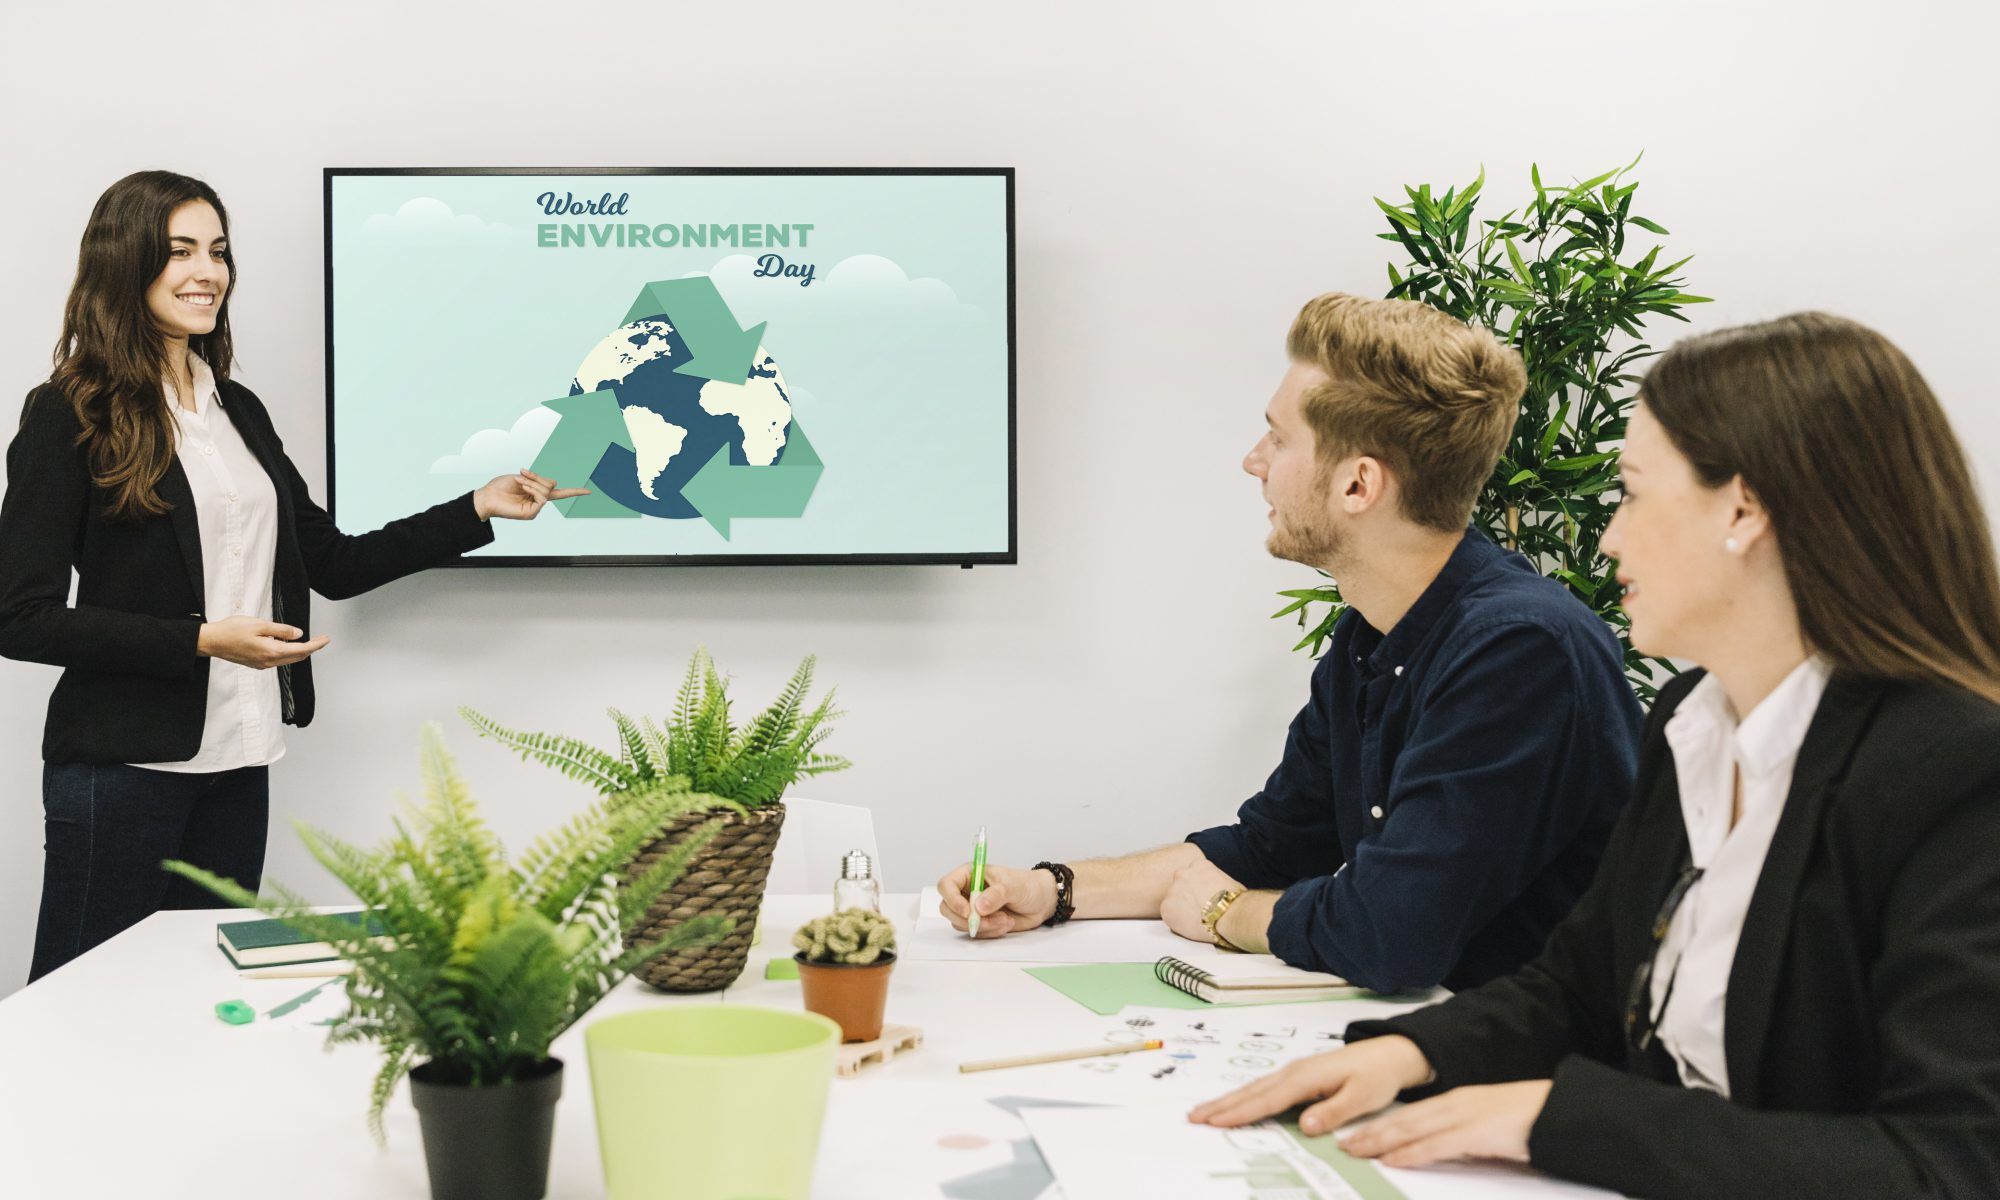 Plantillas PowerPoint gratis para descargar.